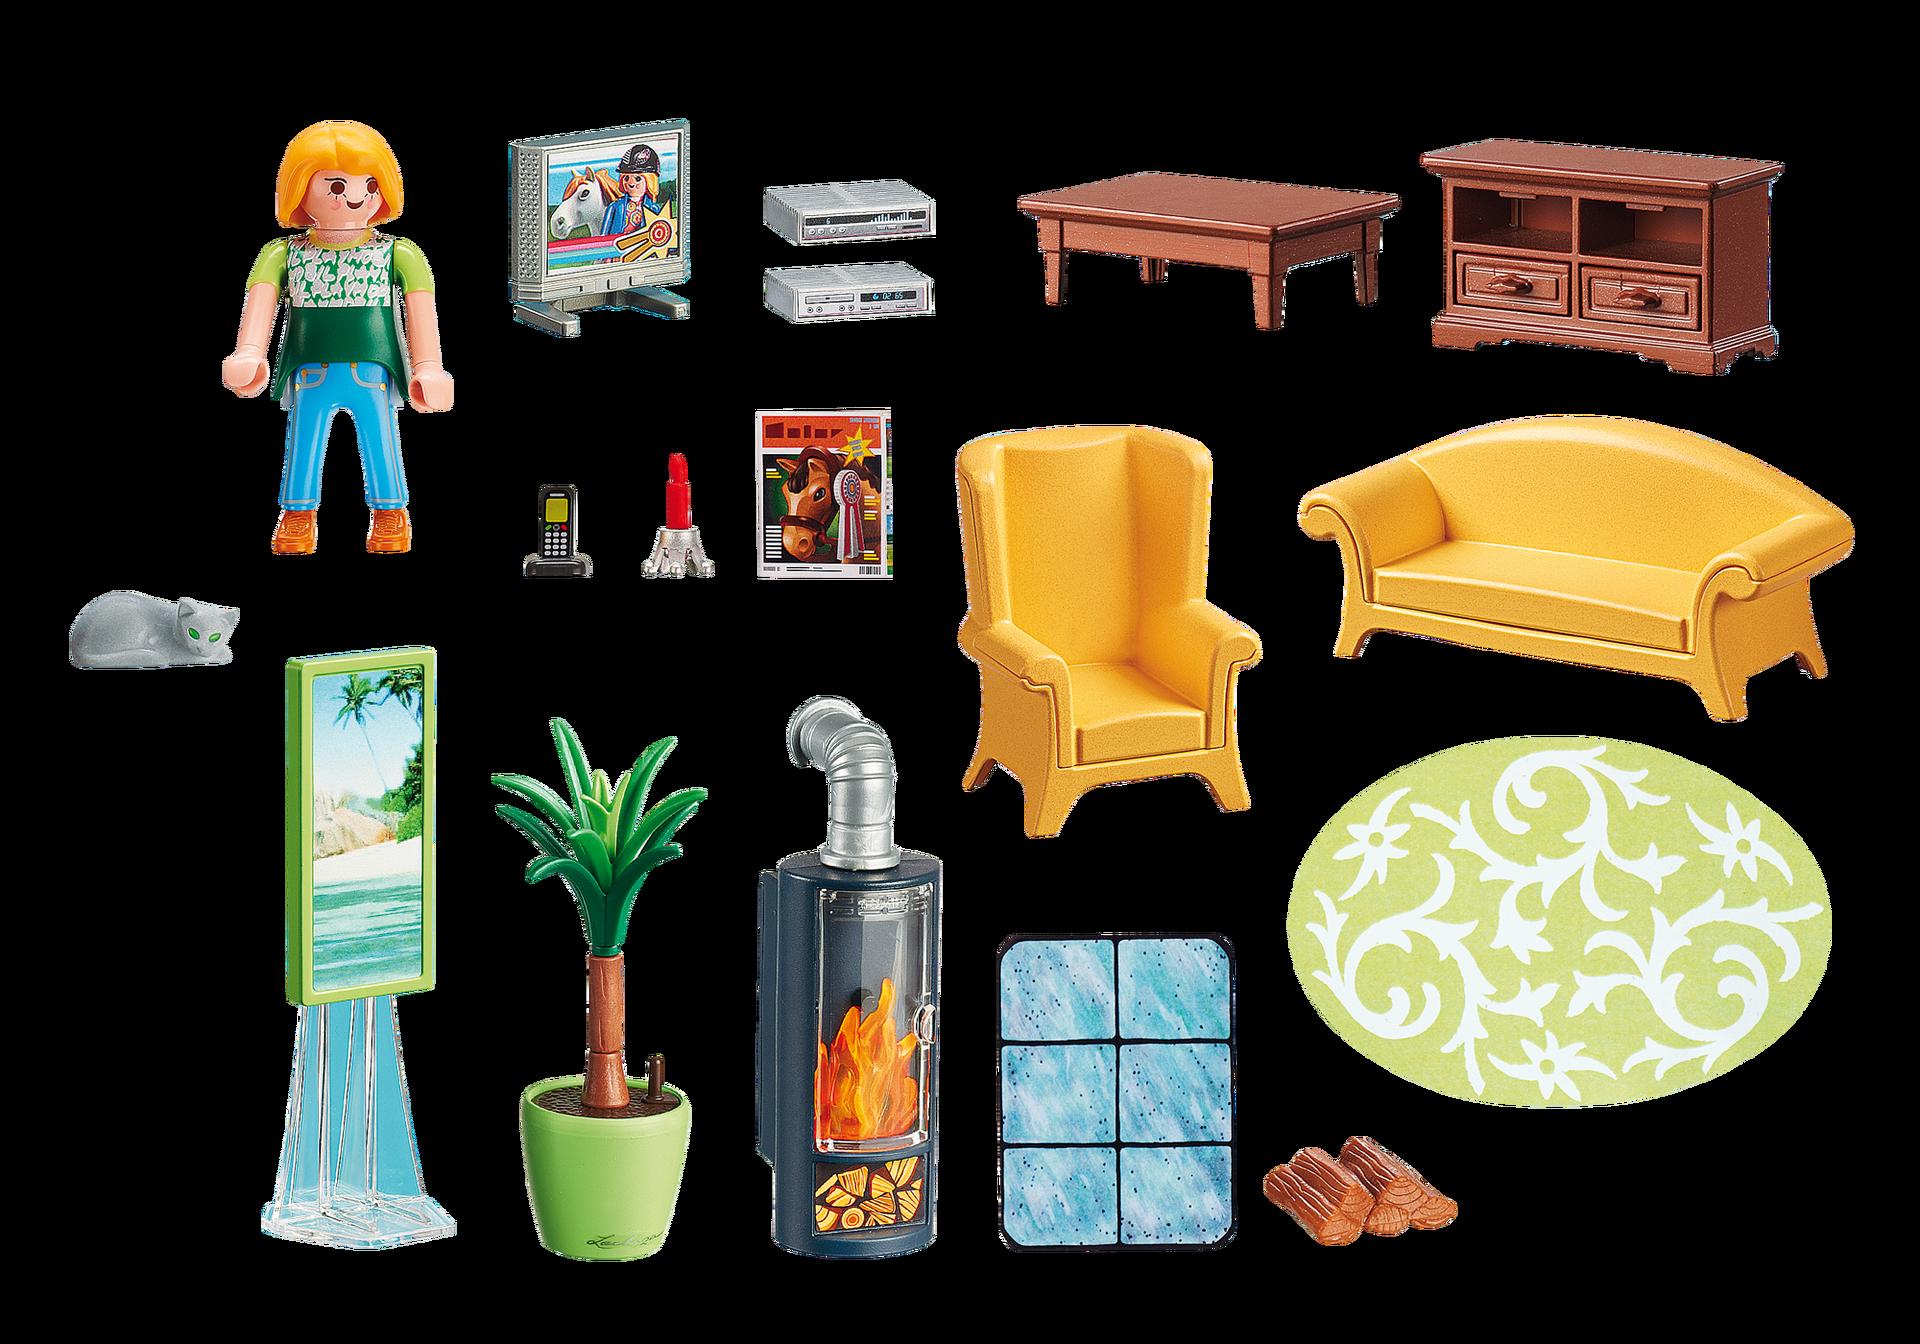 Wohnzimmer Mit Kaminofen 5308 Playmobil Deutschland